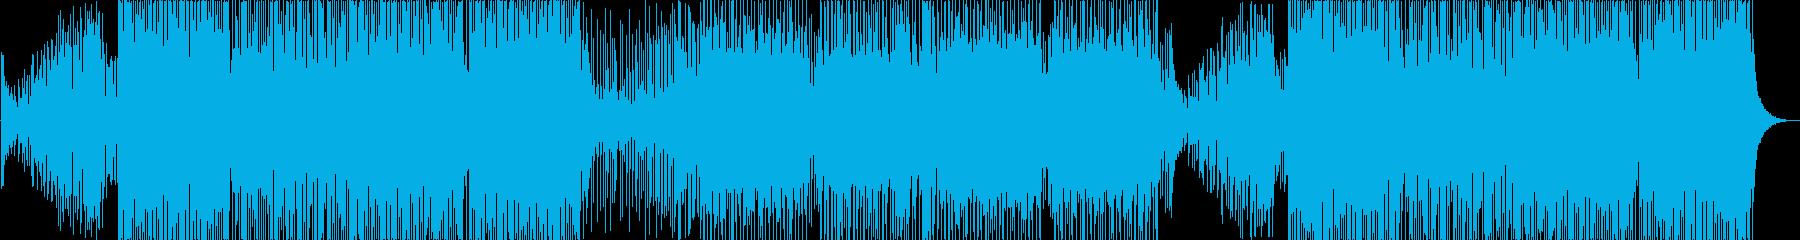 ゆったりしたメロディが楽しいトロピカルハの再生済みの波形